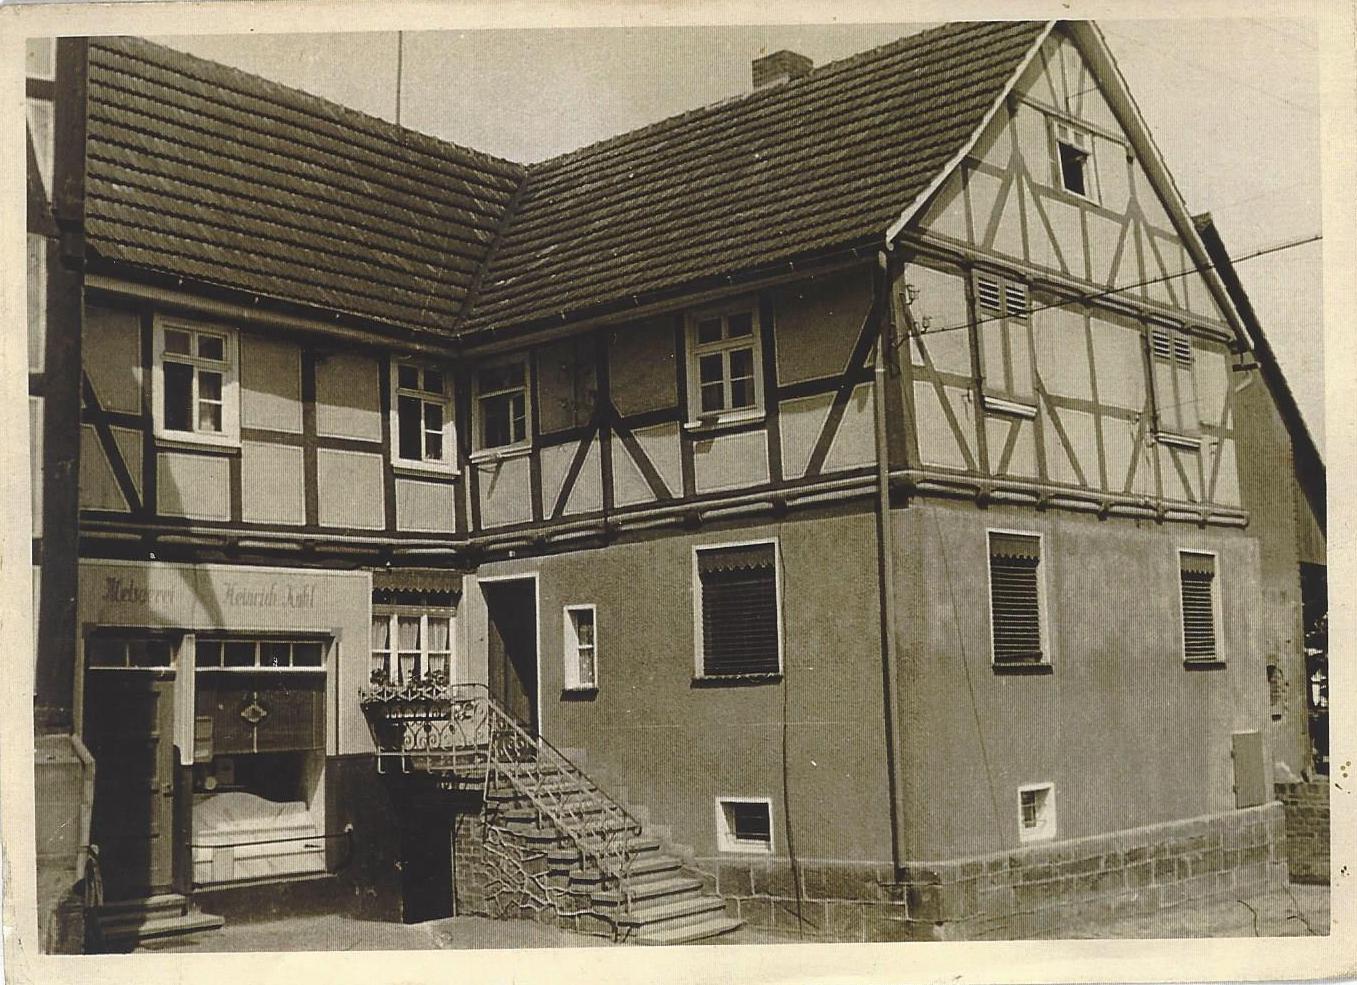 Metzgerei-Kohl